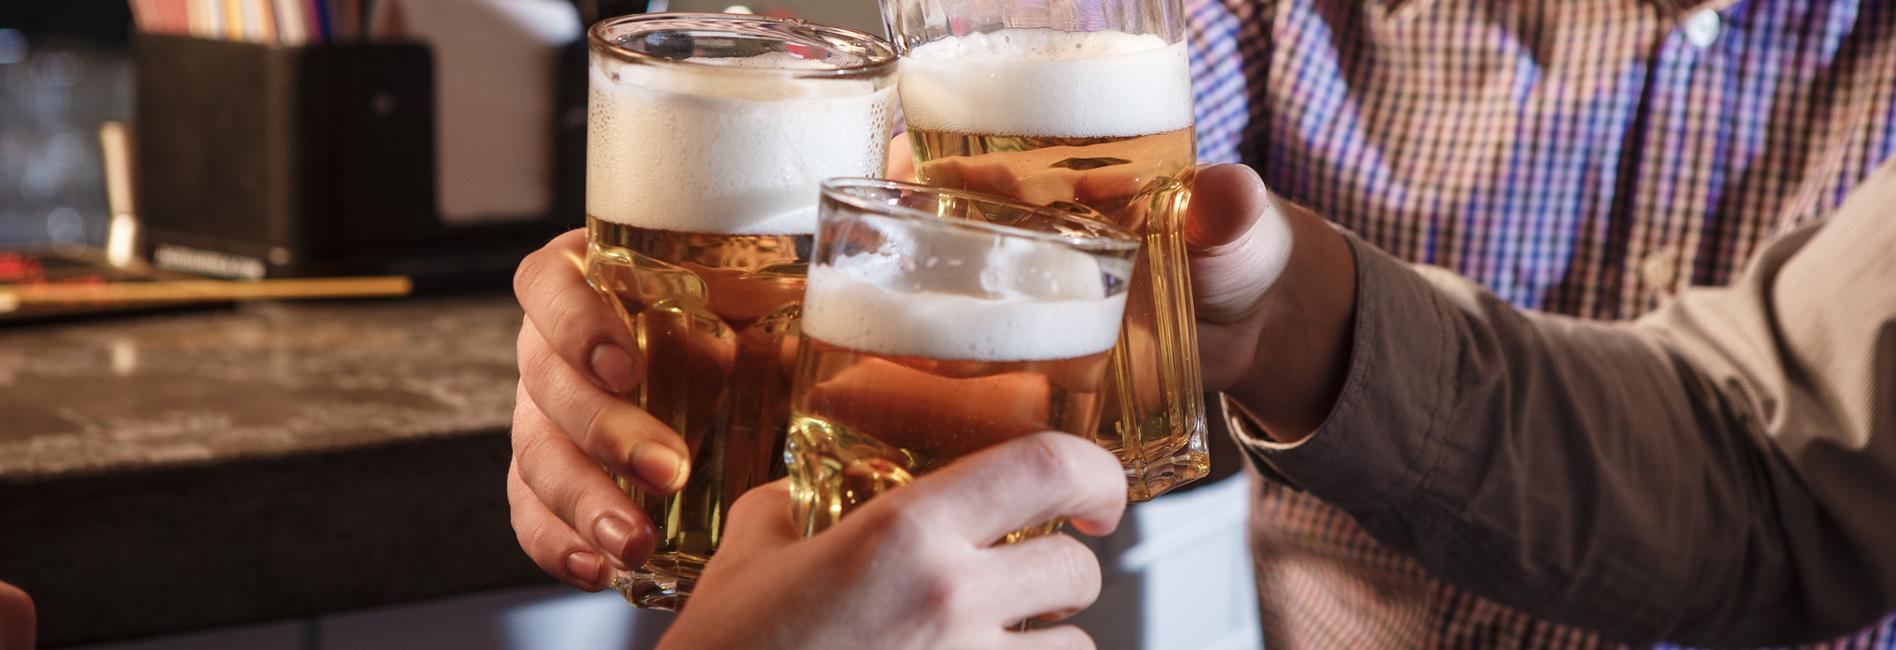 Men clinking beer glasses together